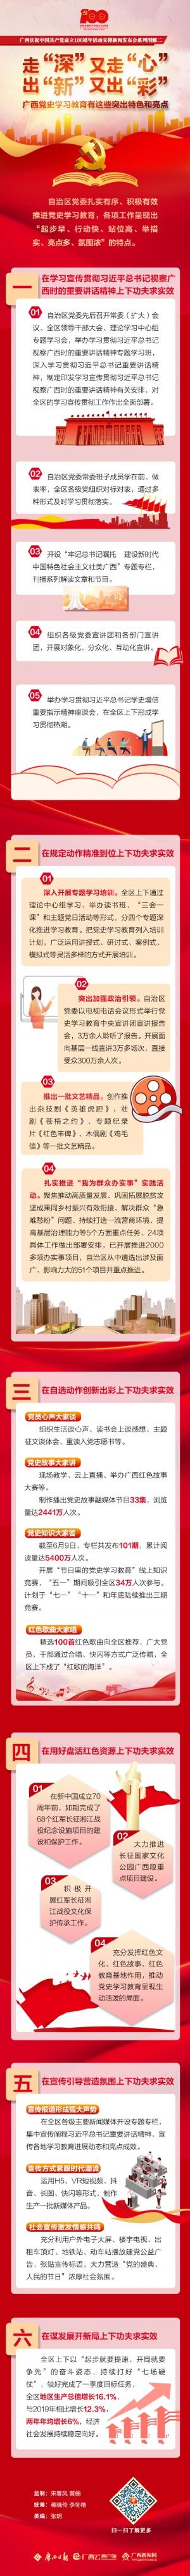 图解 广西党史学习教育有这些突出特色和亮点